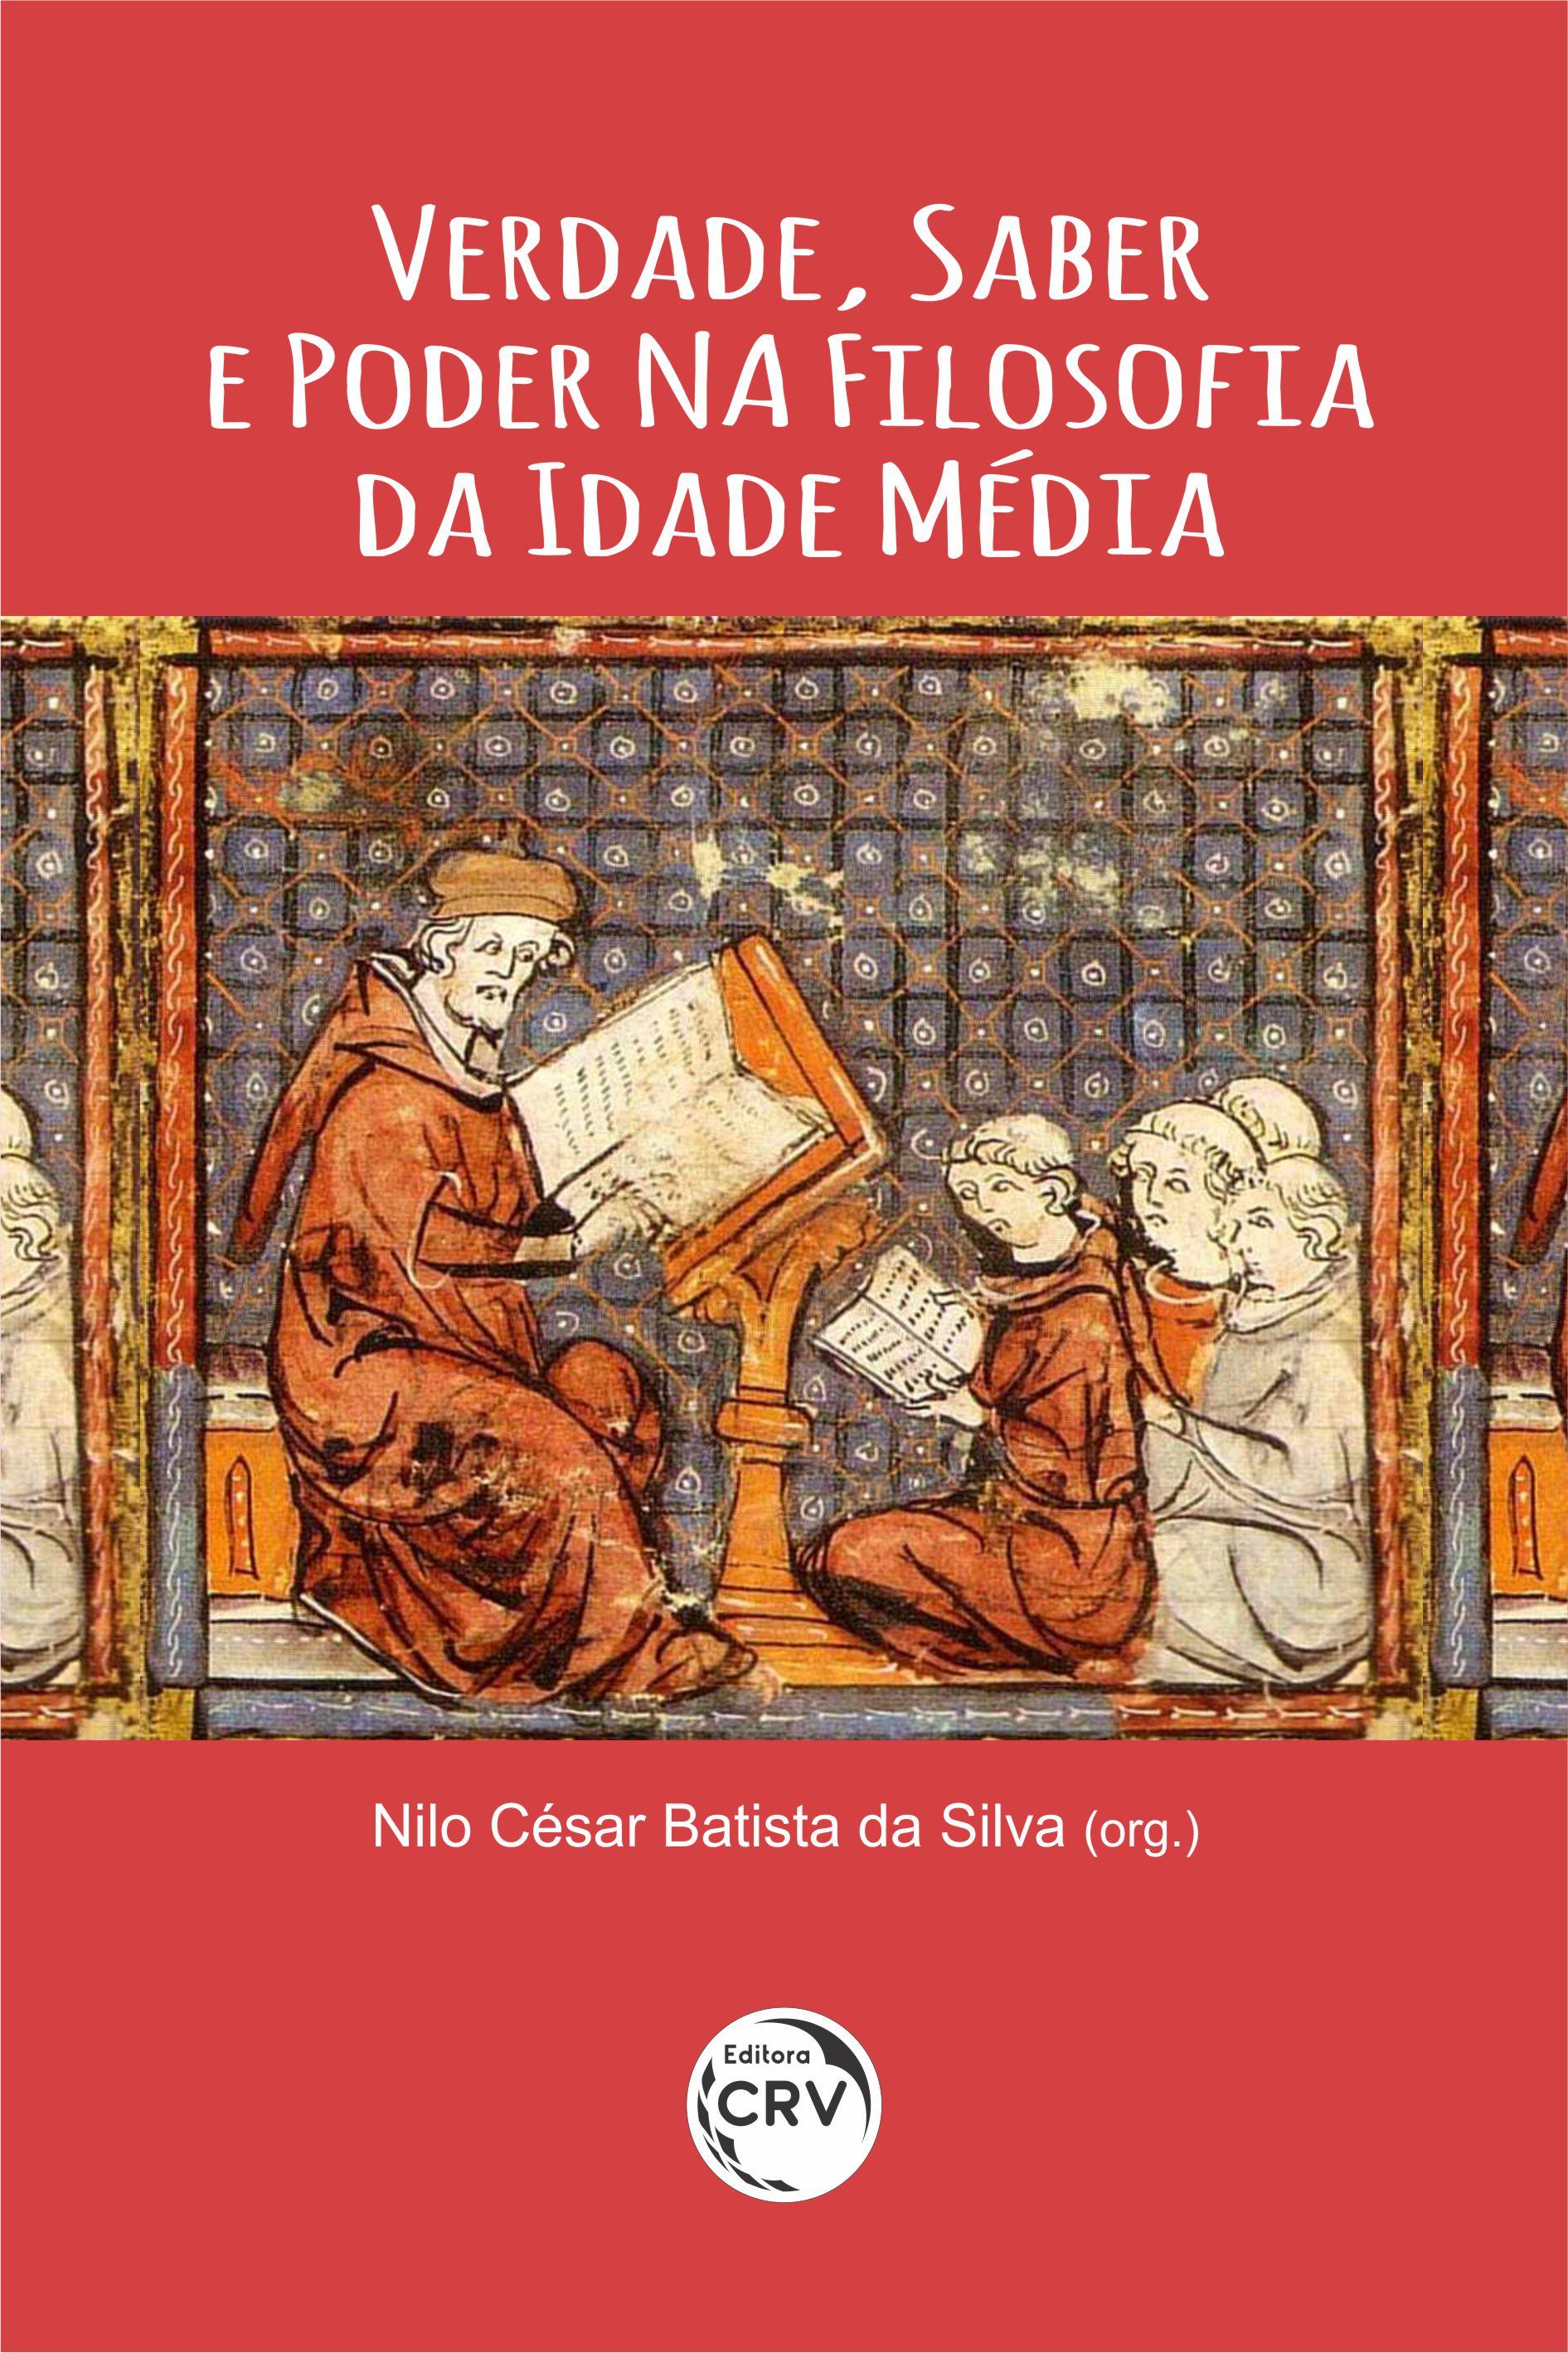 Capa do livro: VERDADE, SABER E PODER NA FILOSOFIA DA IDADE MÉDIA